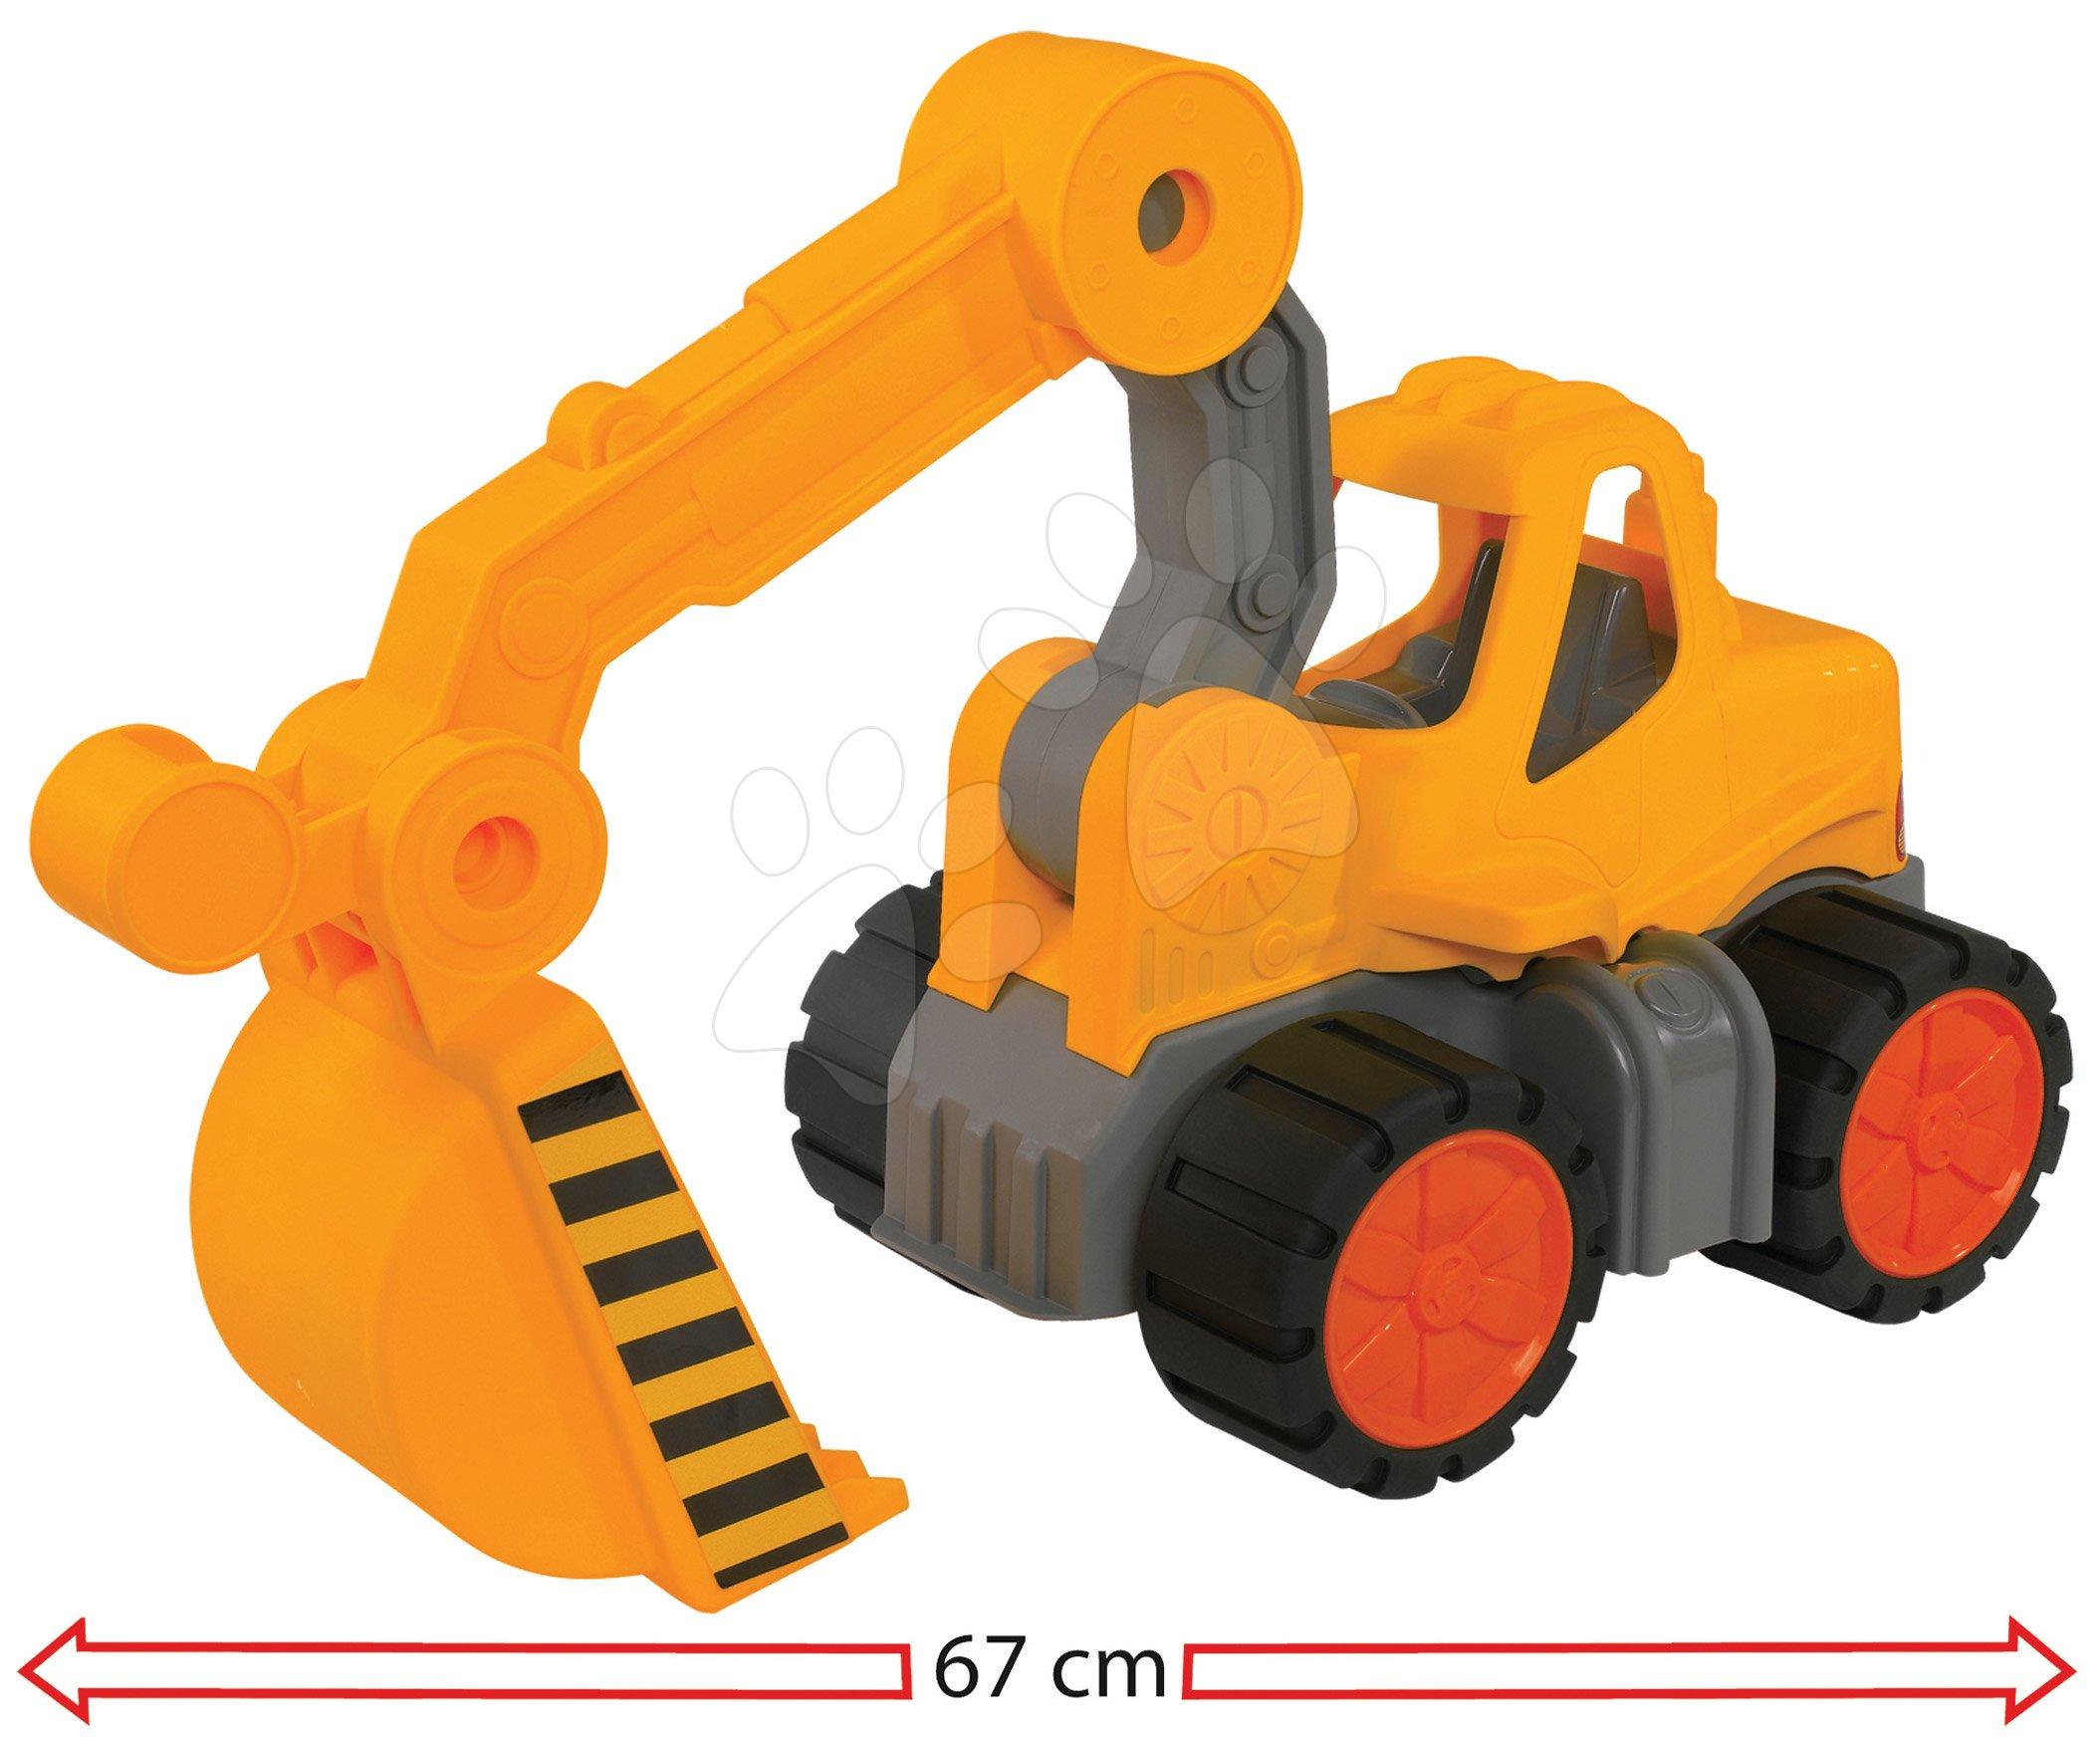 Bager Digger Power Worker BIG pracovný stroj 67 cm - gumené kolesá od 2 rokov